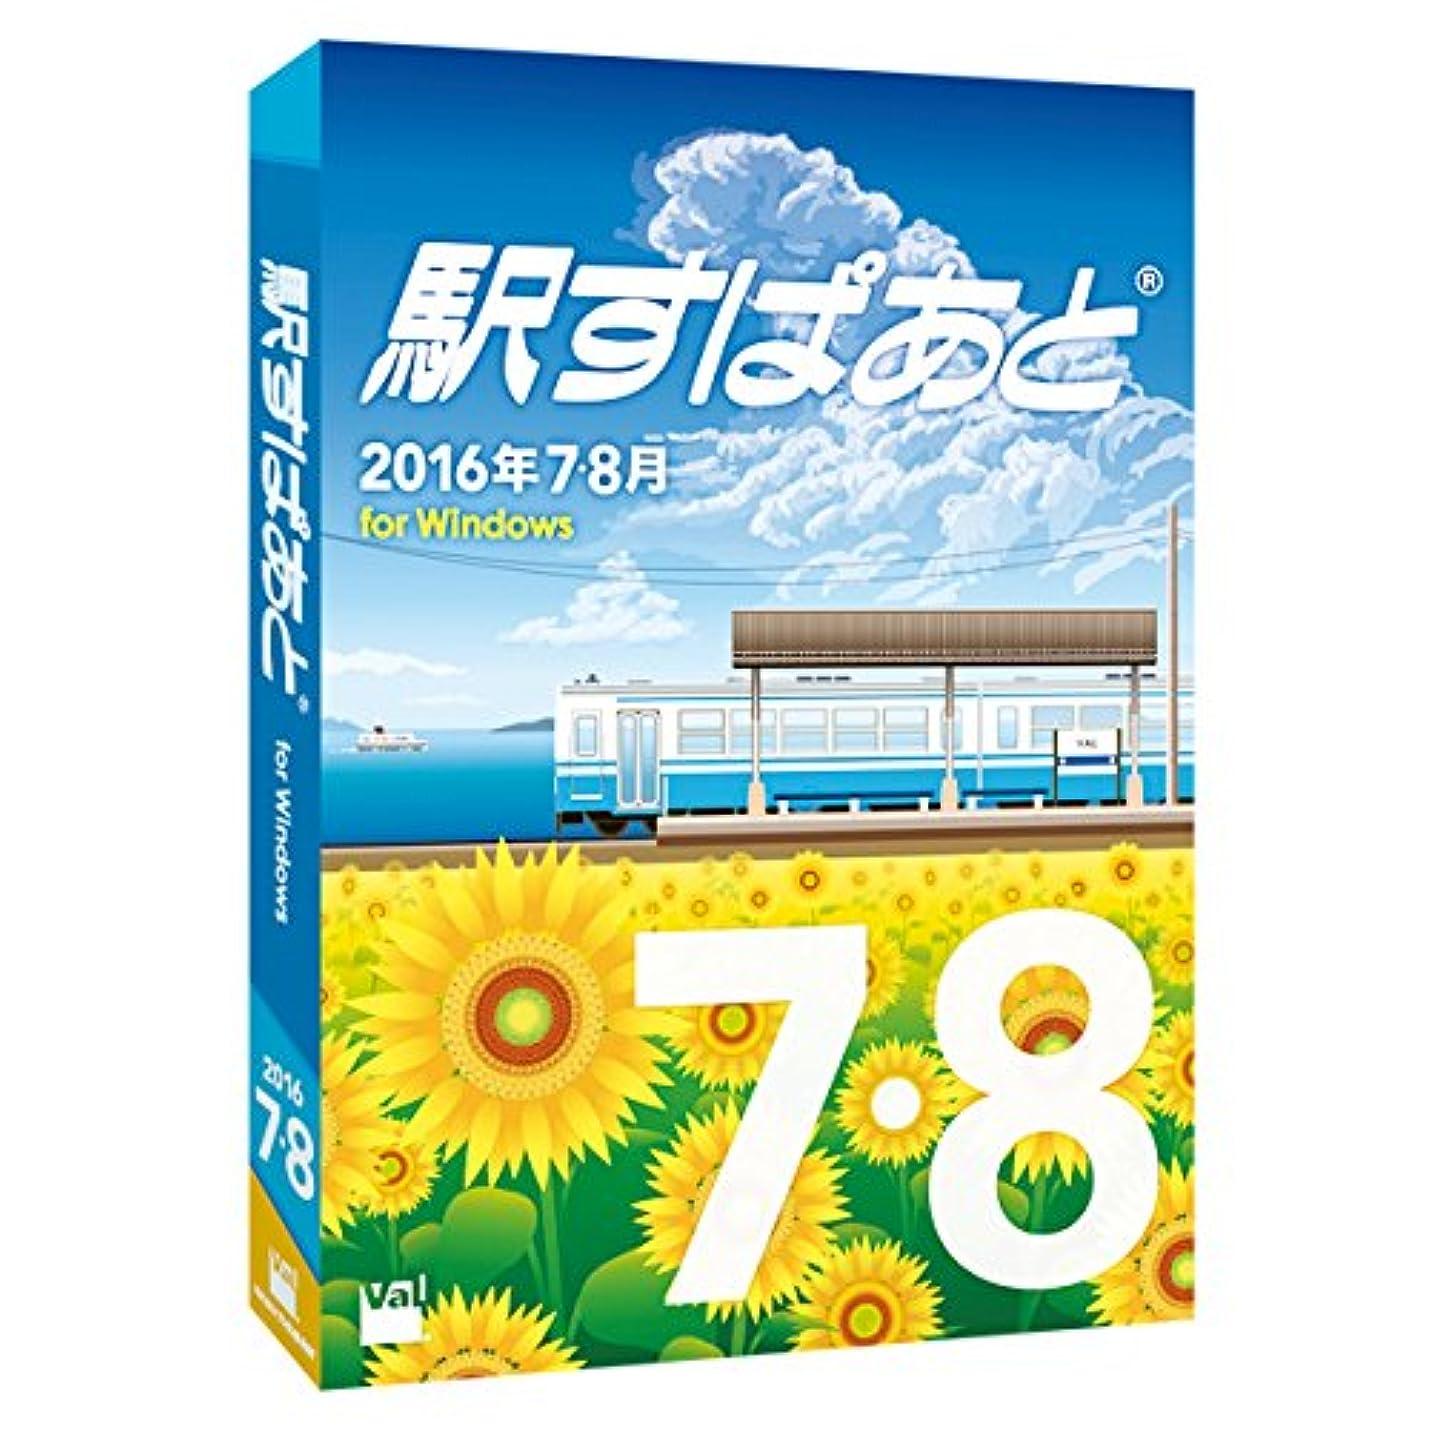 可能仮説無限大駅すぱあと(windows)2016年7?8月